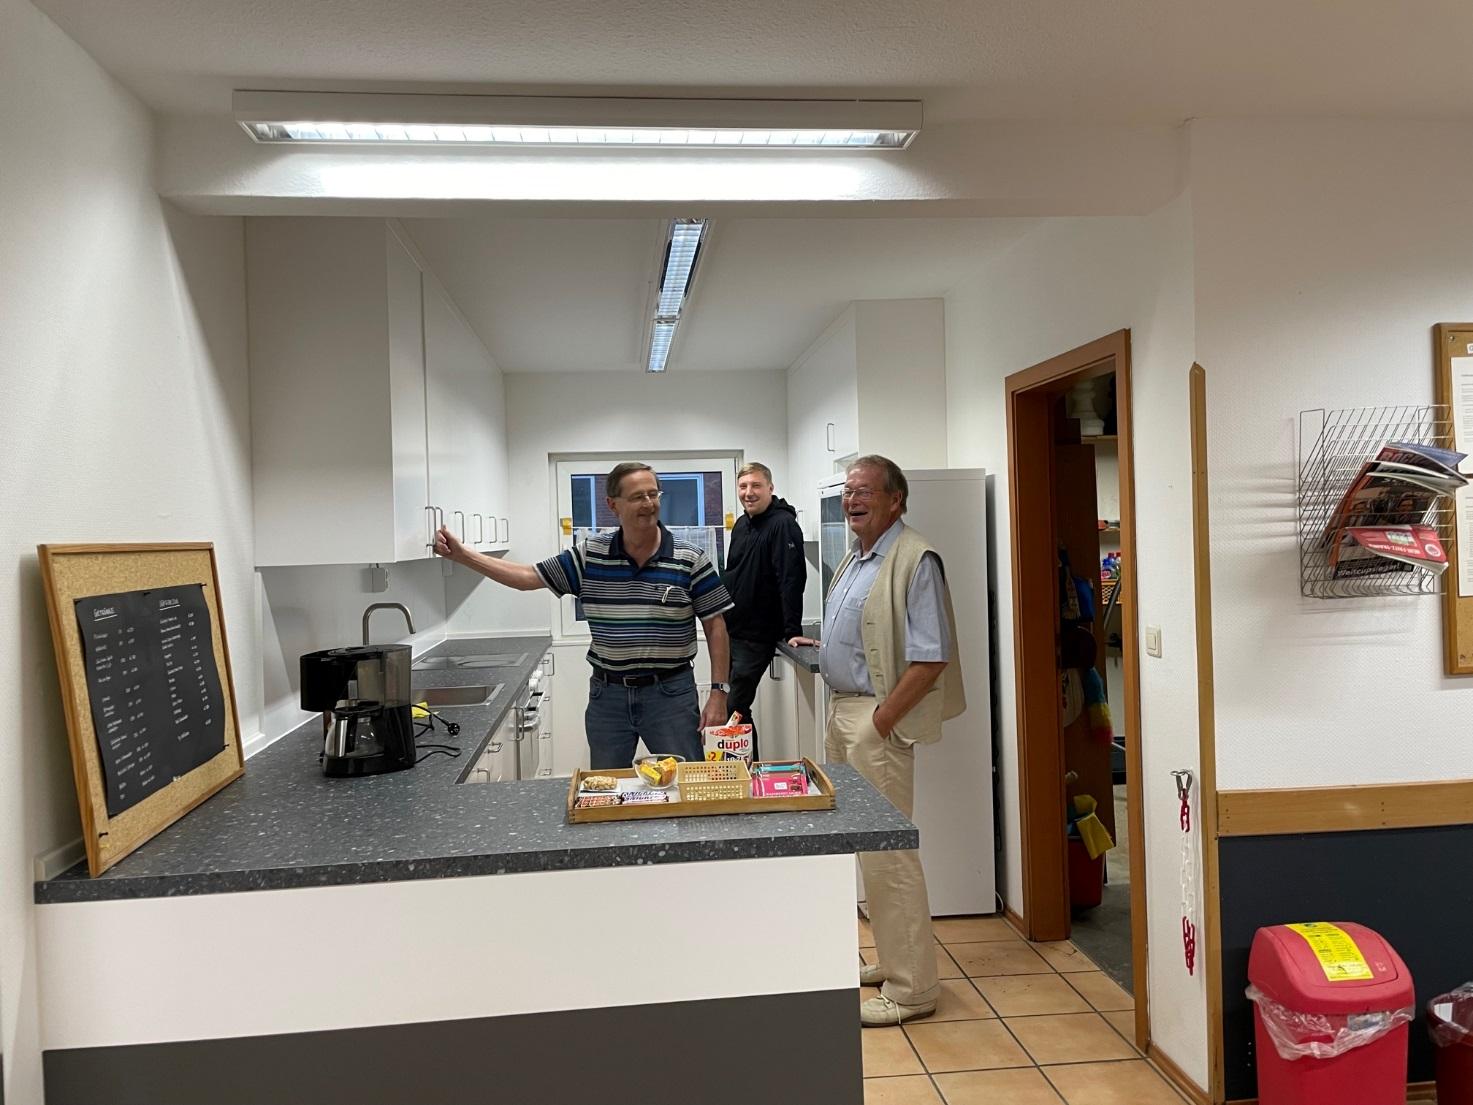 v. l.n.r. Manfred Stejskal (Vorstand für das Haus), Helge Colpe (Leiter der Schachschule, Thomas Woisin (1. Vorsitzender) | Foto: Eva Maria Zickelbein